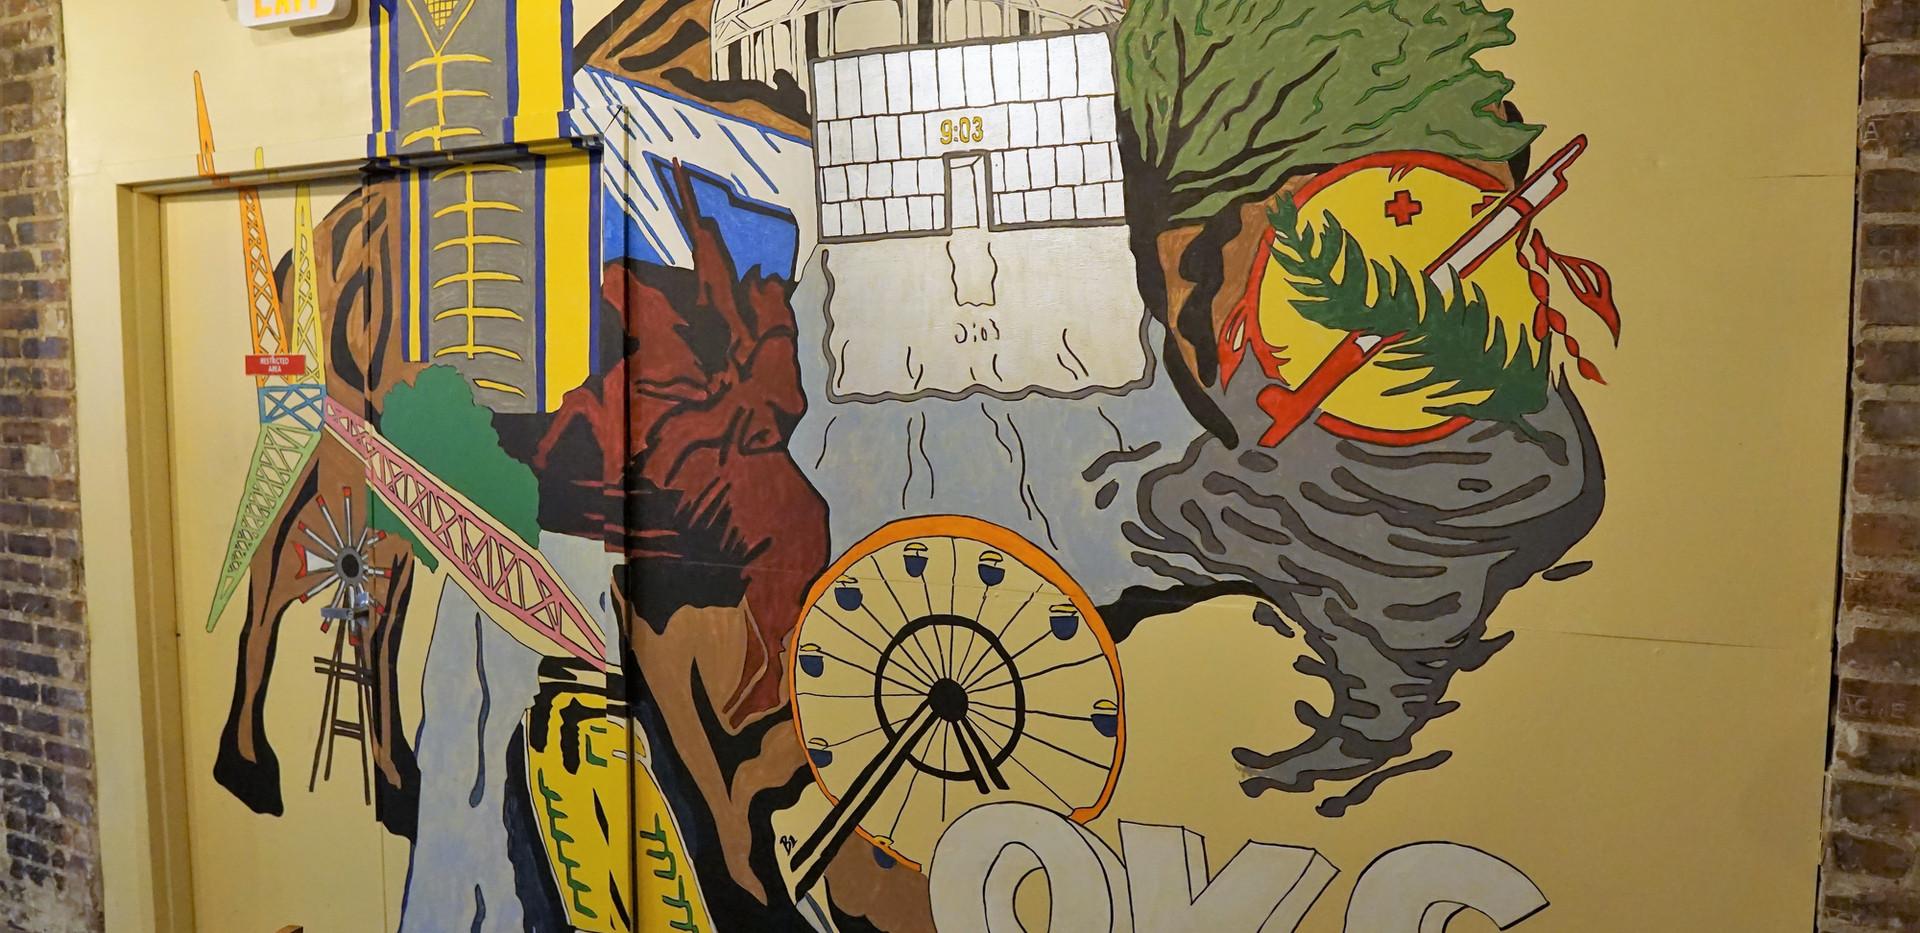 taproom okc mural.jpg